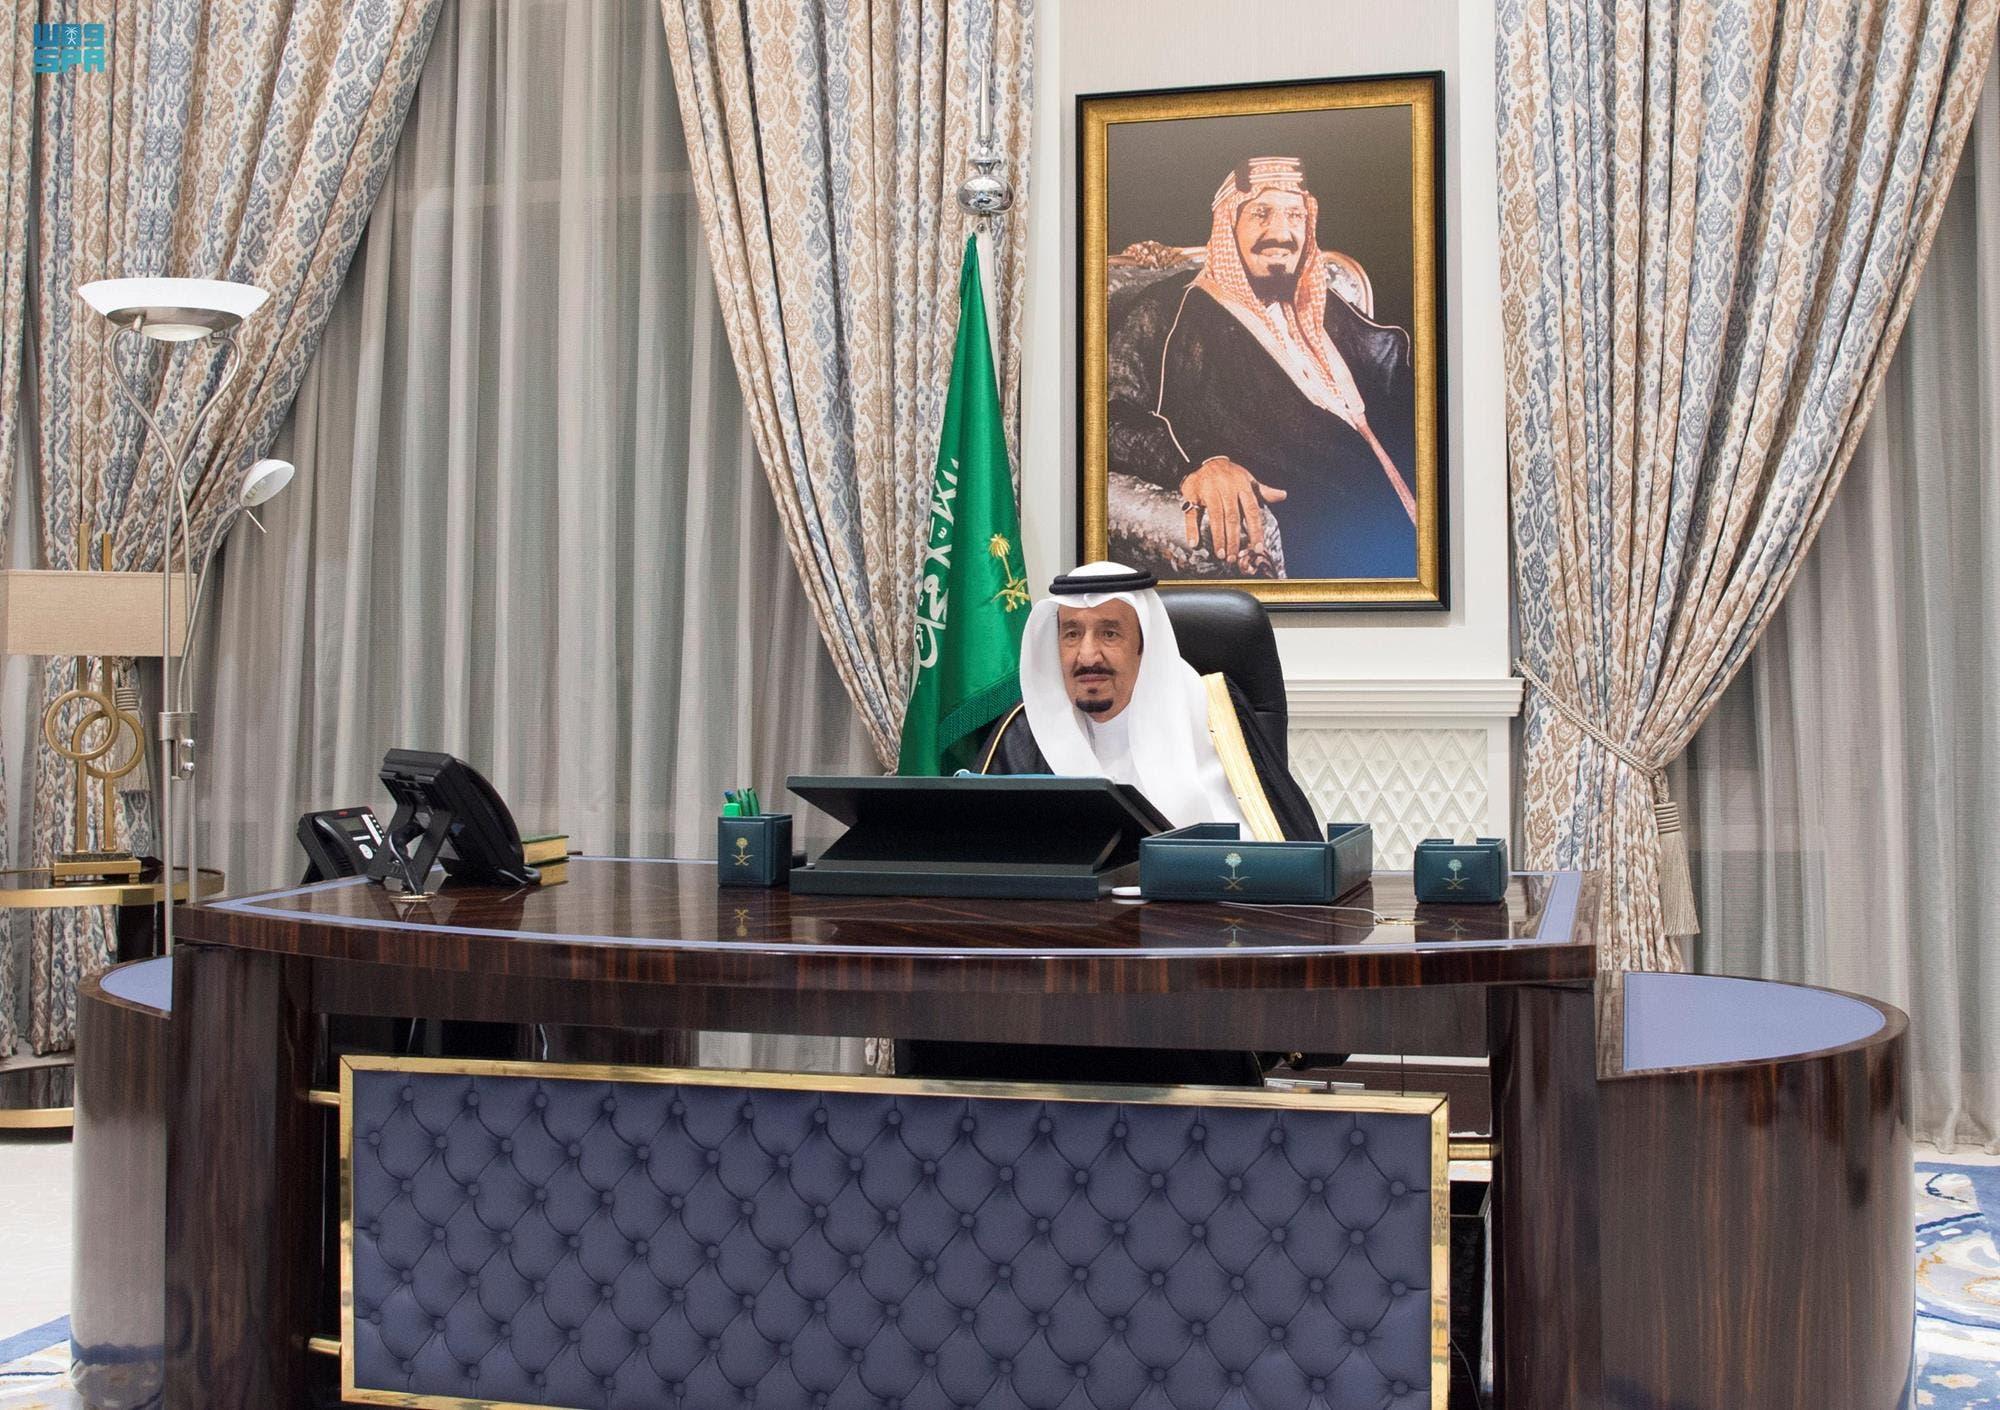 الملك سلمان يترأس جلسة مجلس الوزراء السعودي التي عقدت عبر الاتصال المرئي